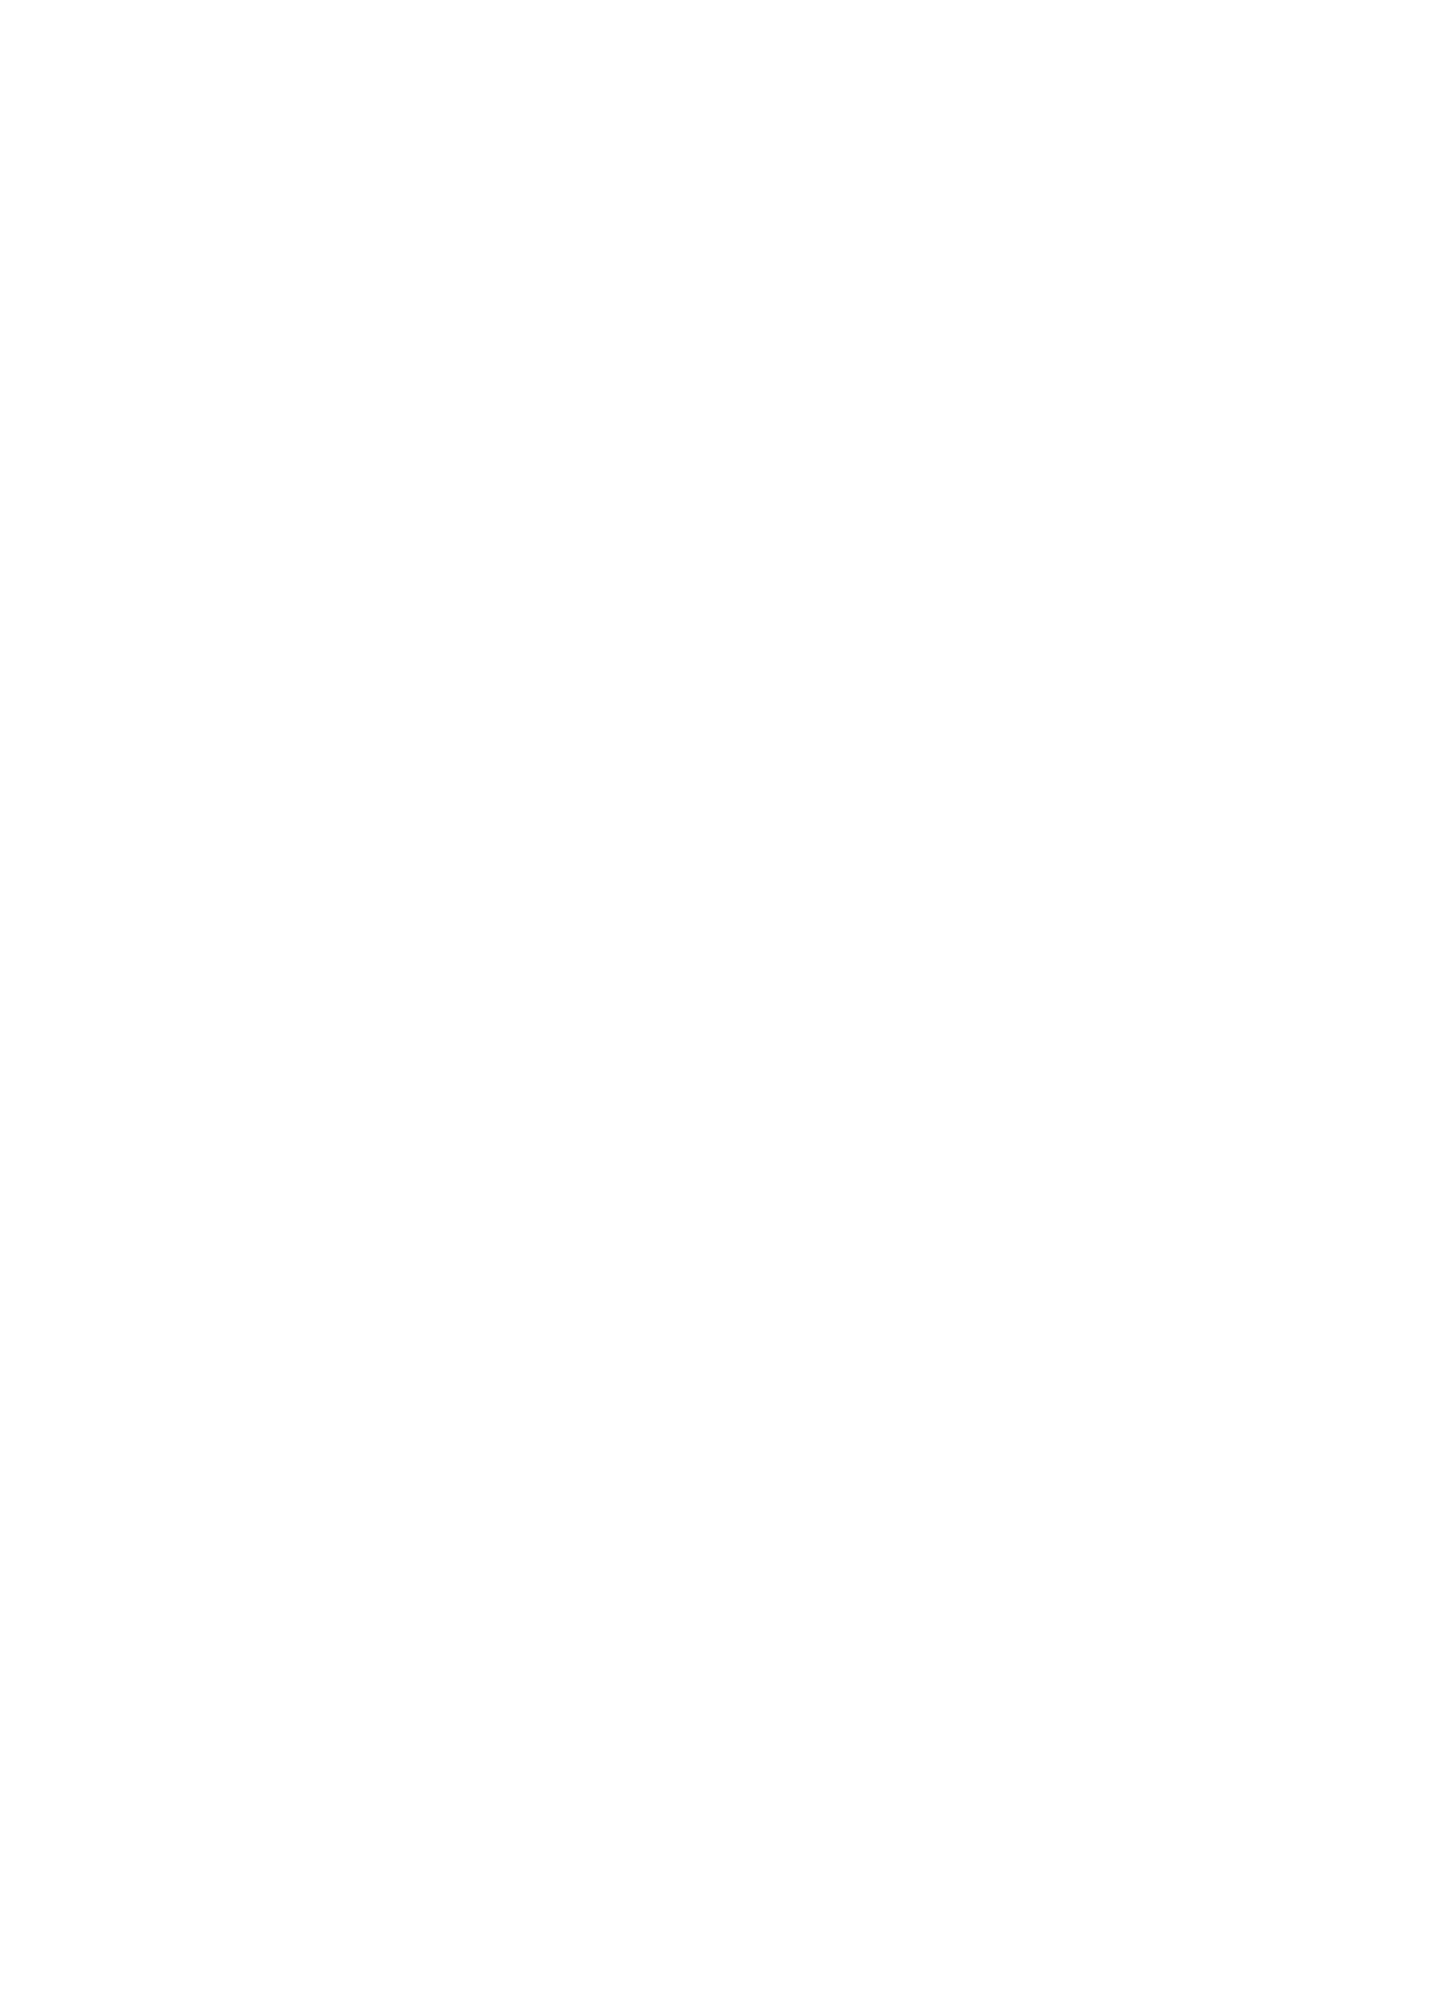 韩漫 |《狡猾的鲁鲁》  恶魔与人类,一饿就开do!  第10张